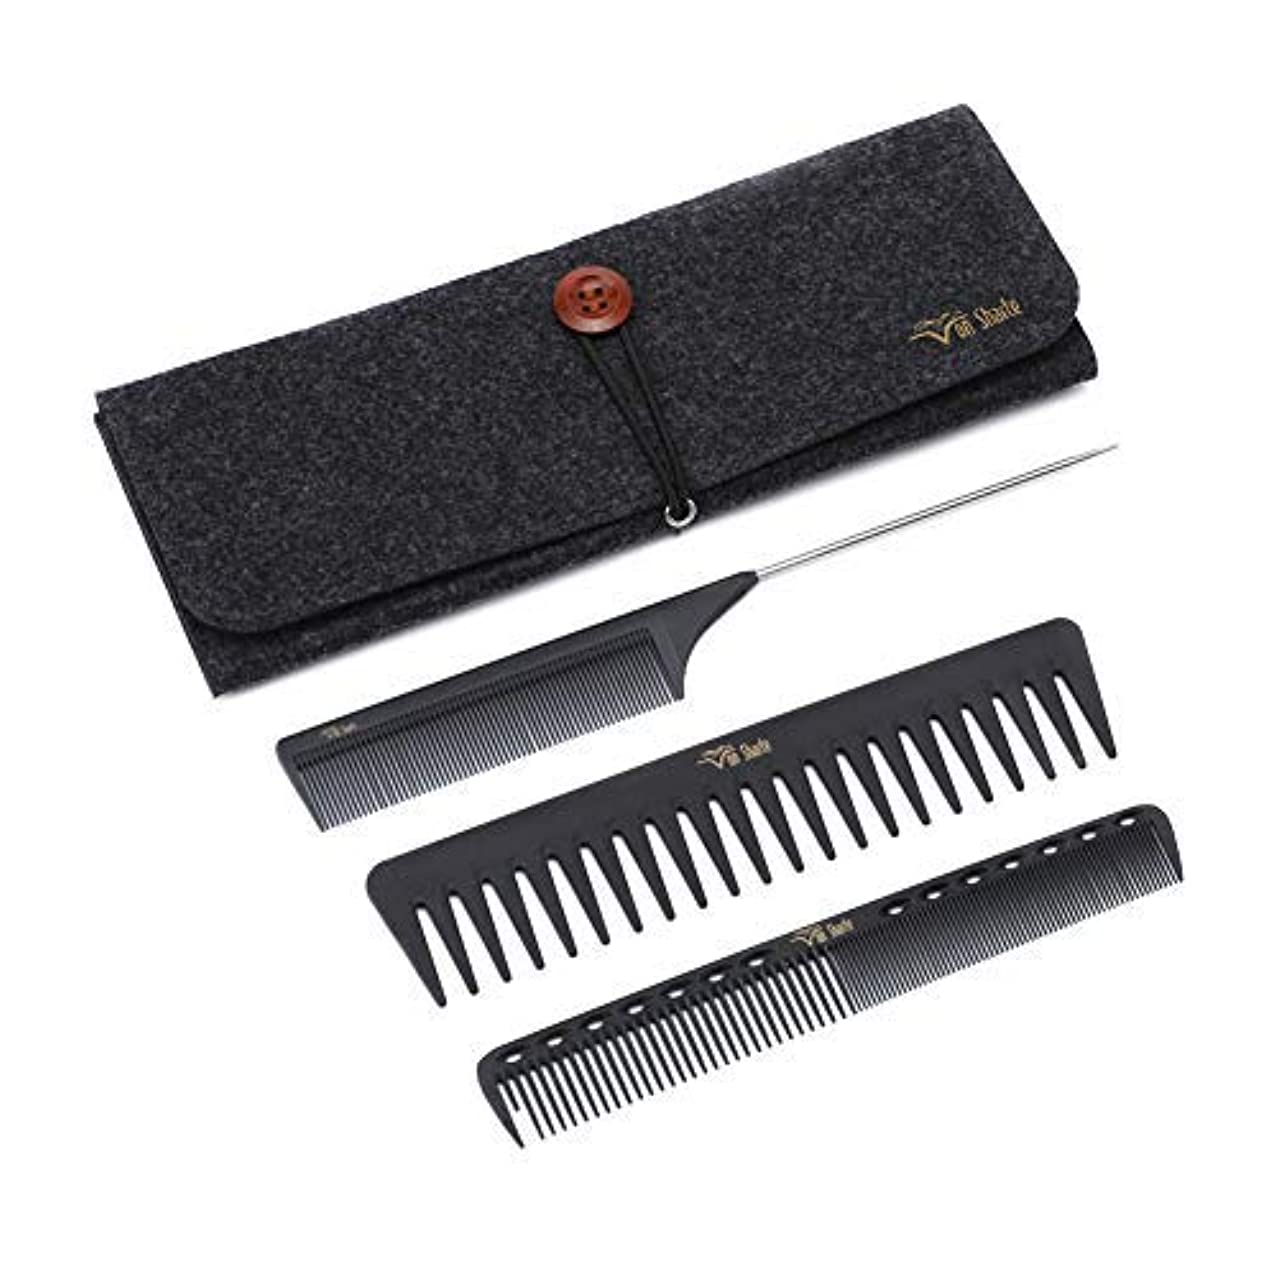 ラップグローブ交響曲Styling Comb Set,Hairdresser Barber Comb Cutting Hair Comb Carbon Fiber Wide Tooth Comb Metal Rat Pin Tail Comb...